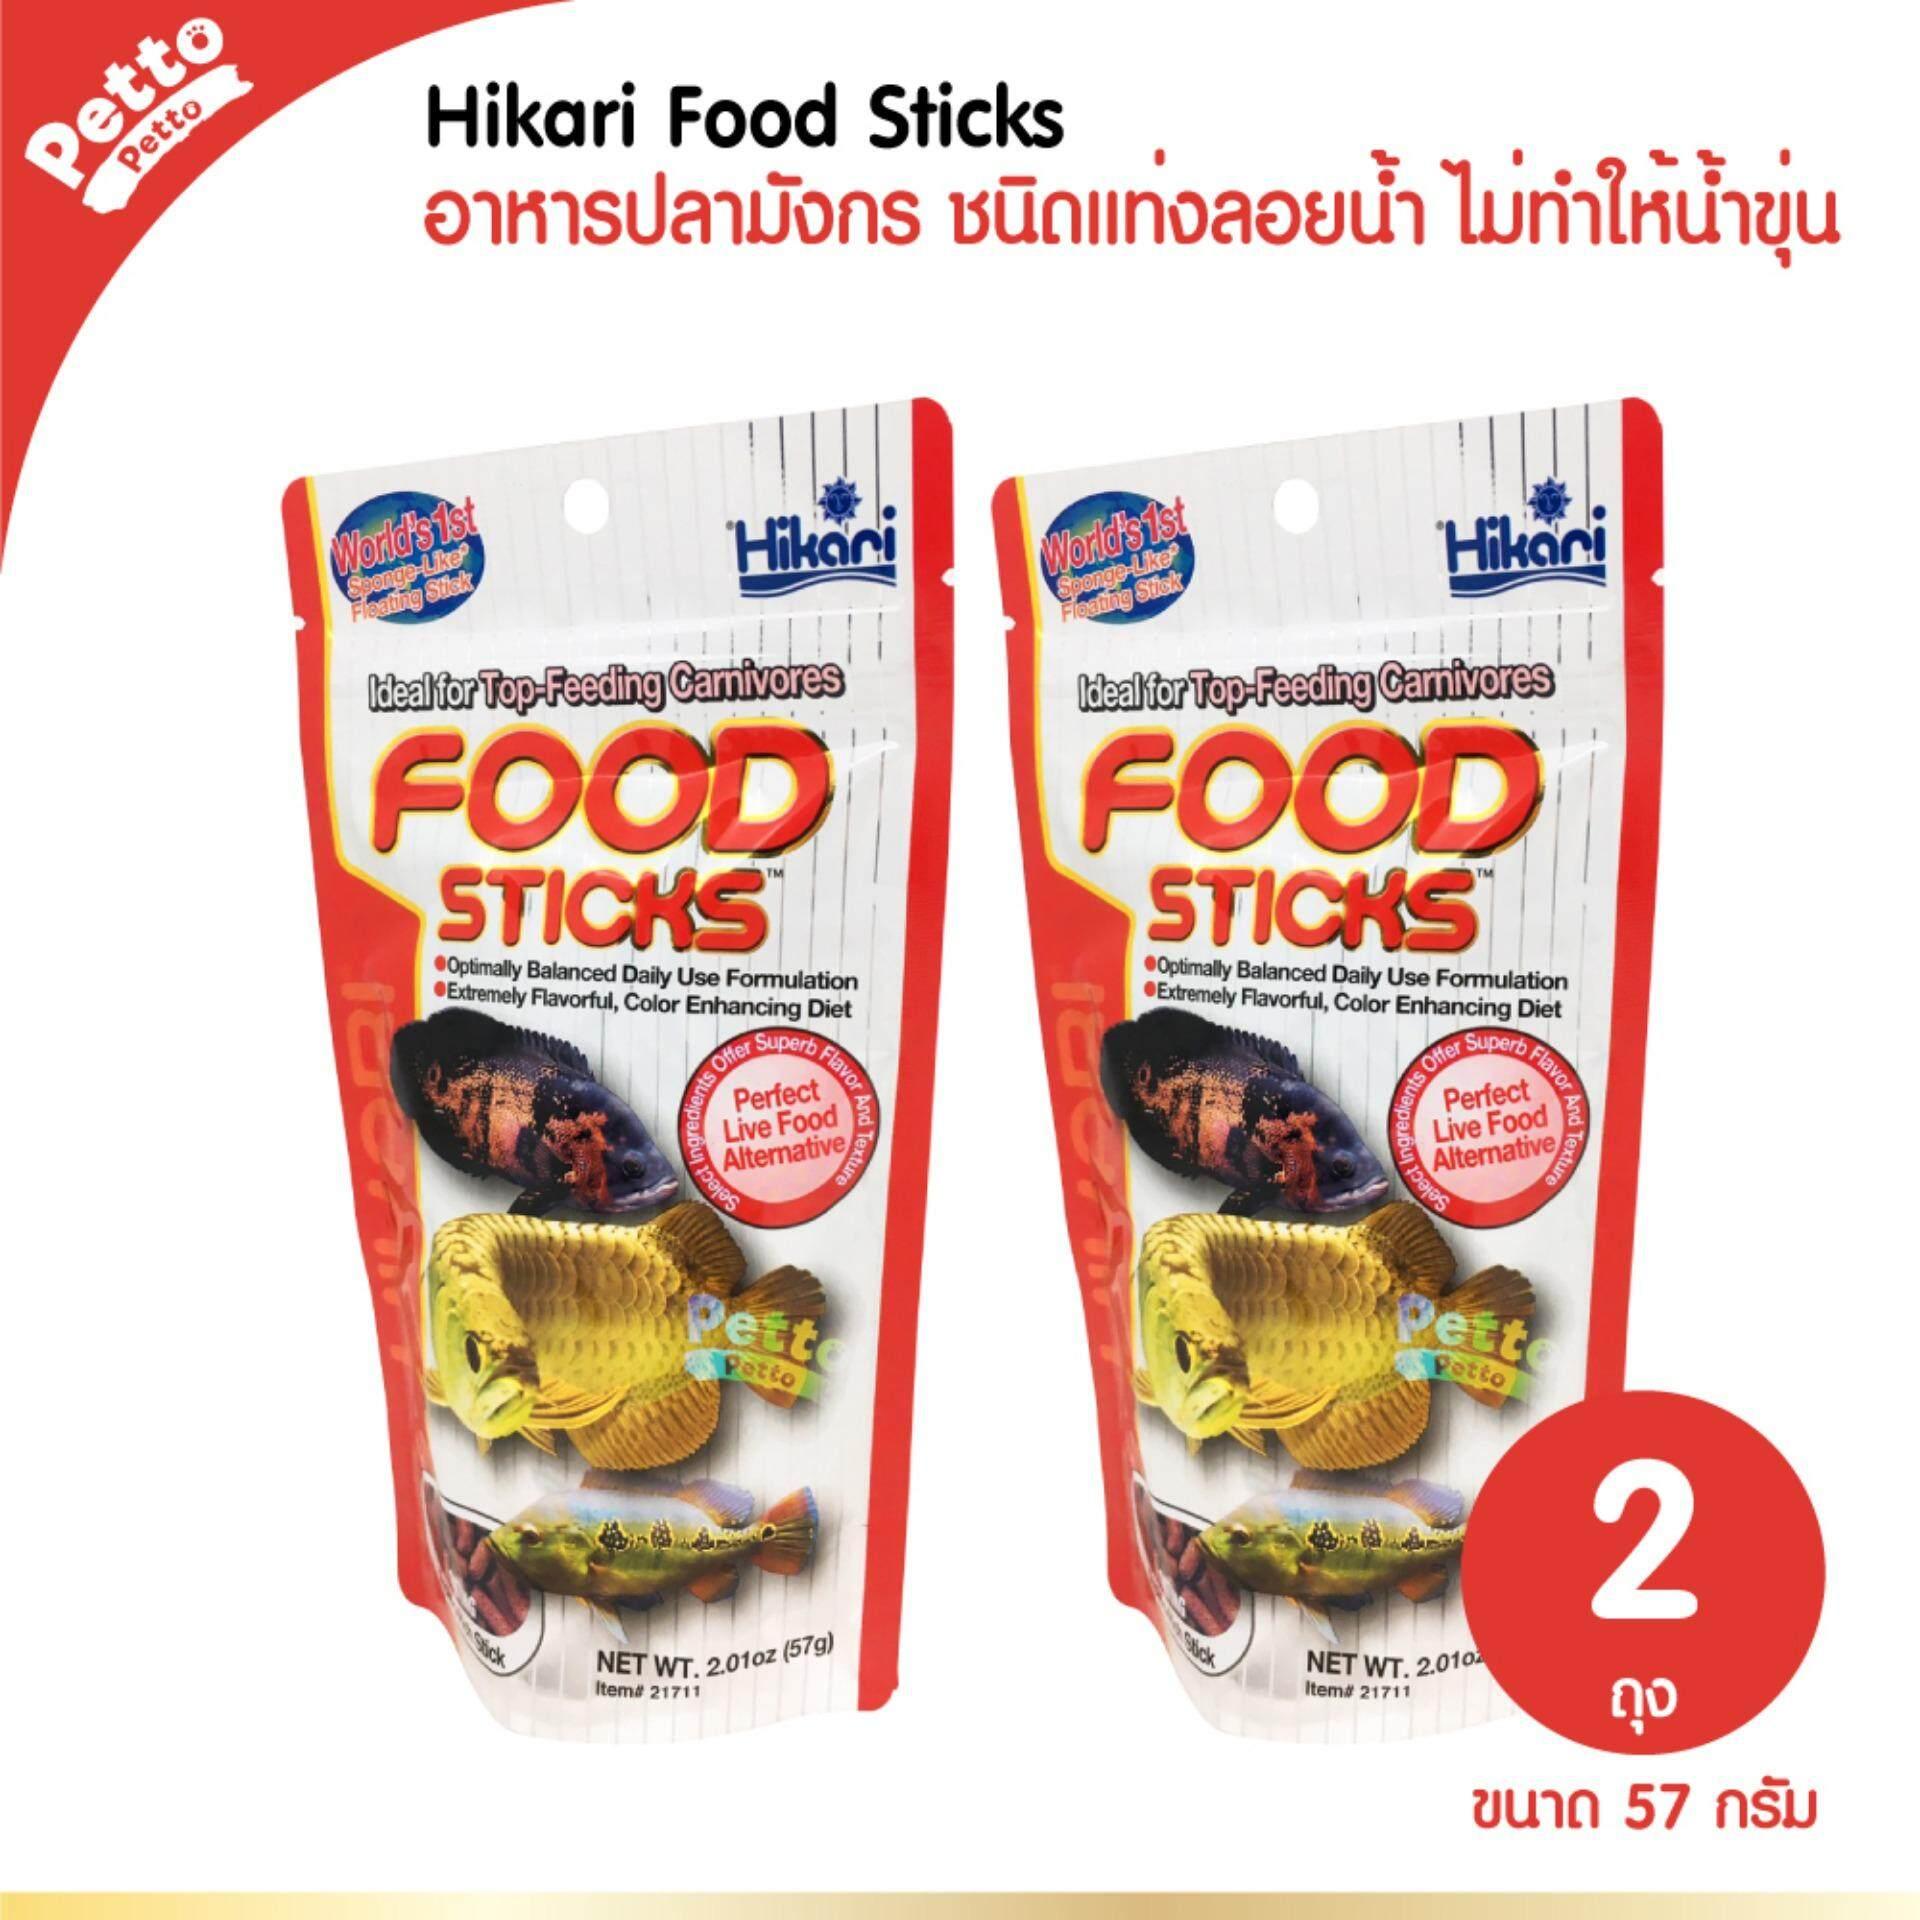 Hikari Food Sticks อาหารปลา สูตรโปรตีนสูงสำหรับปลามังกร (ปลาอโรวาน่า) และปลากินเนื้อ (ชนิดแท่ง ลอยน้ำ) 57 กรัม - 2 ชิ้น